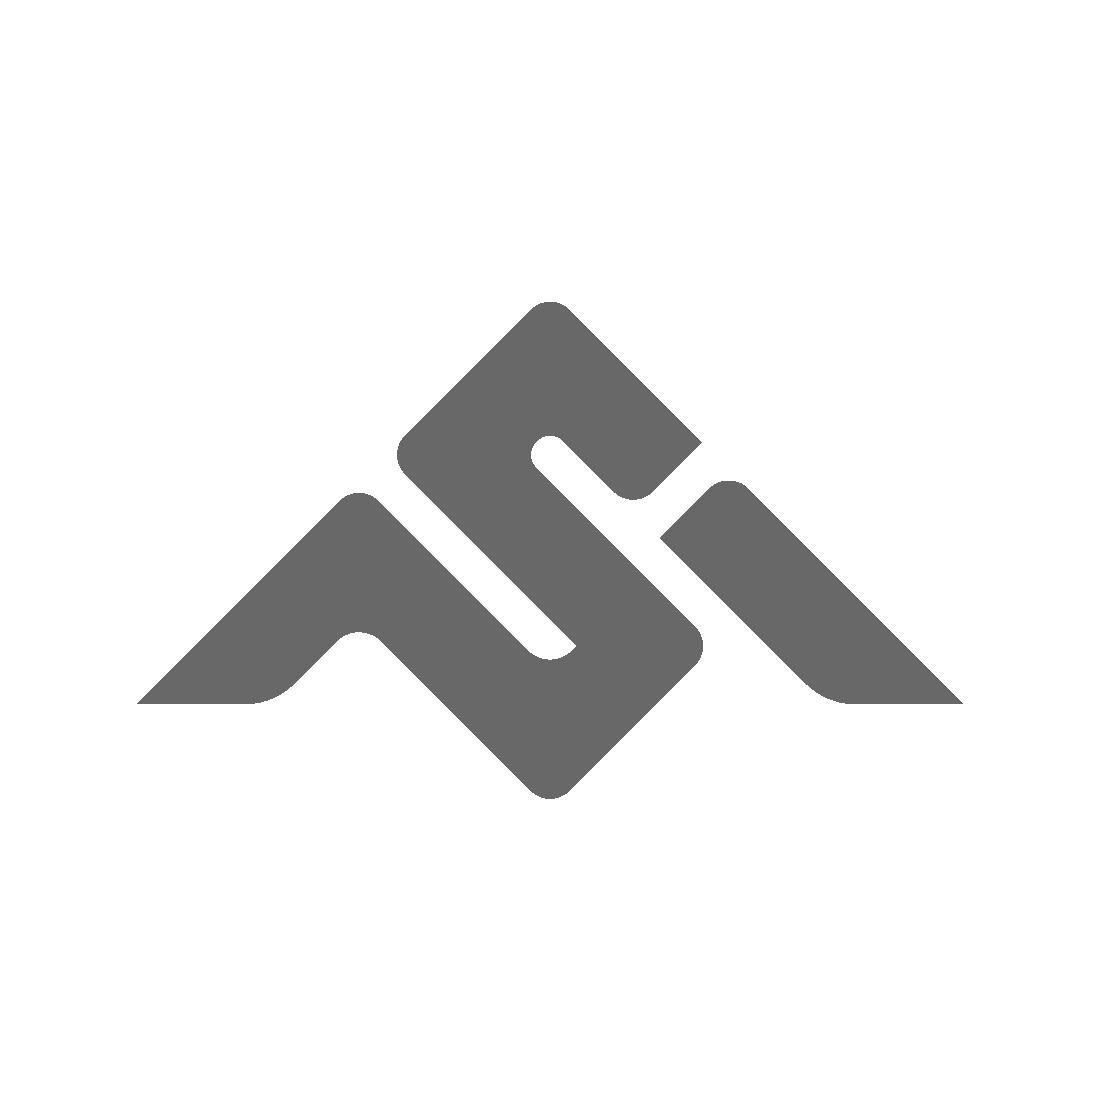 sup makai boards kuane bois 10 6 acheter stand up paddle finitions en bois magnifique